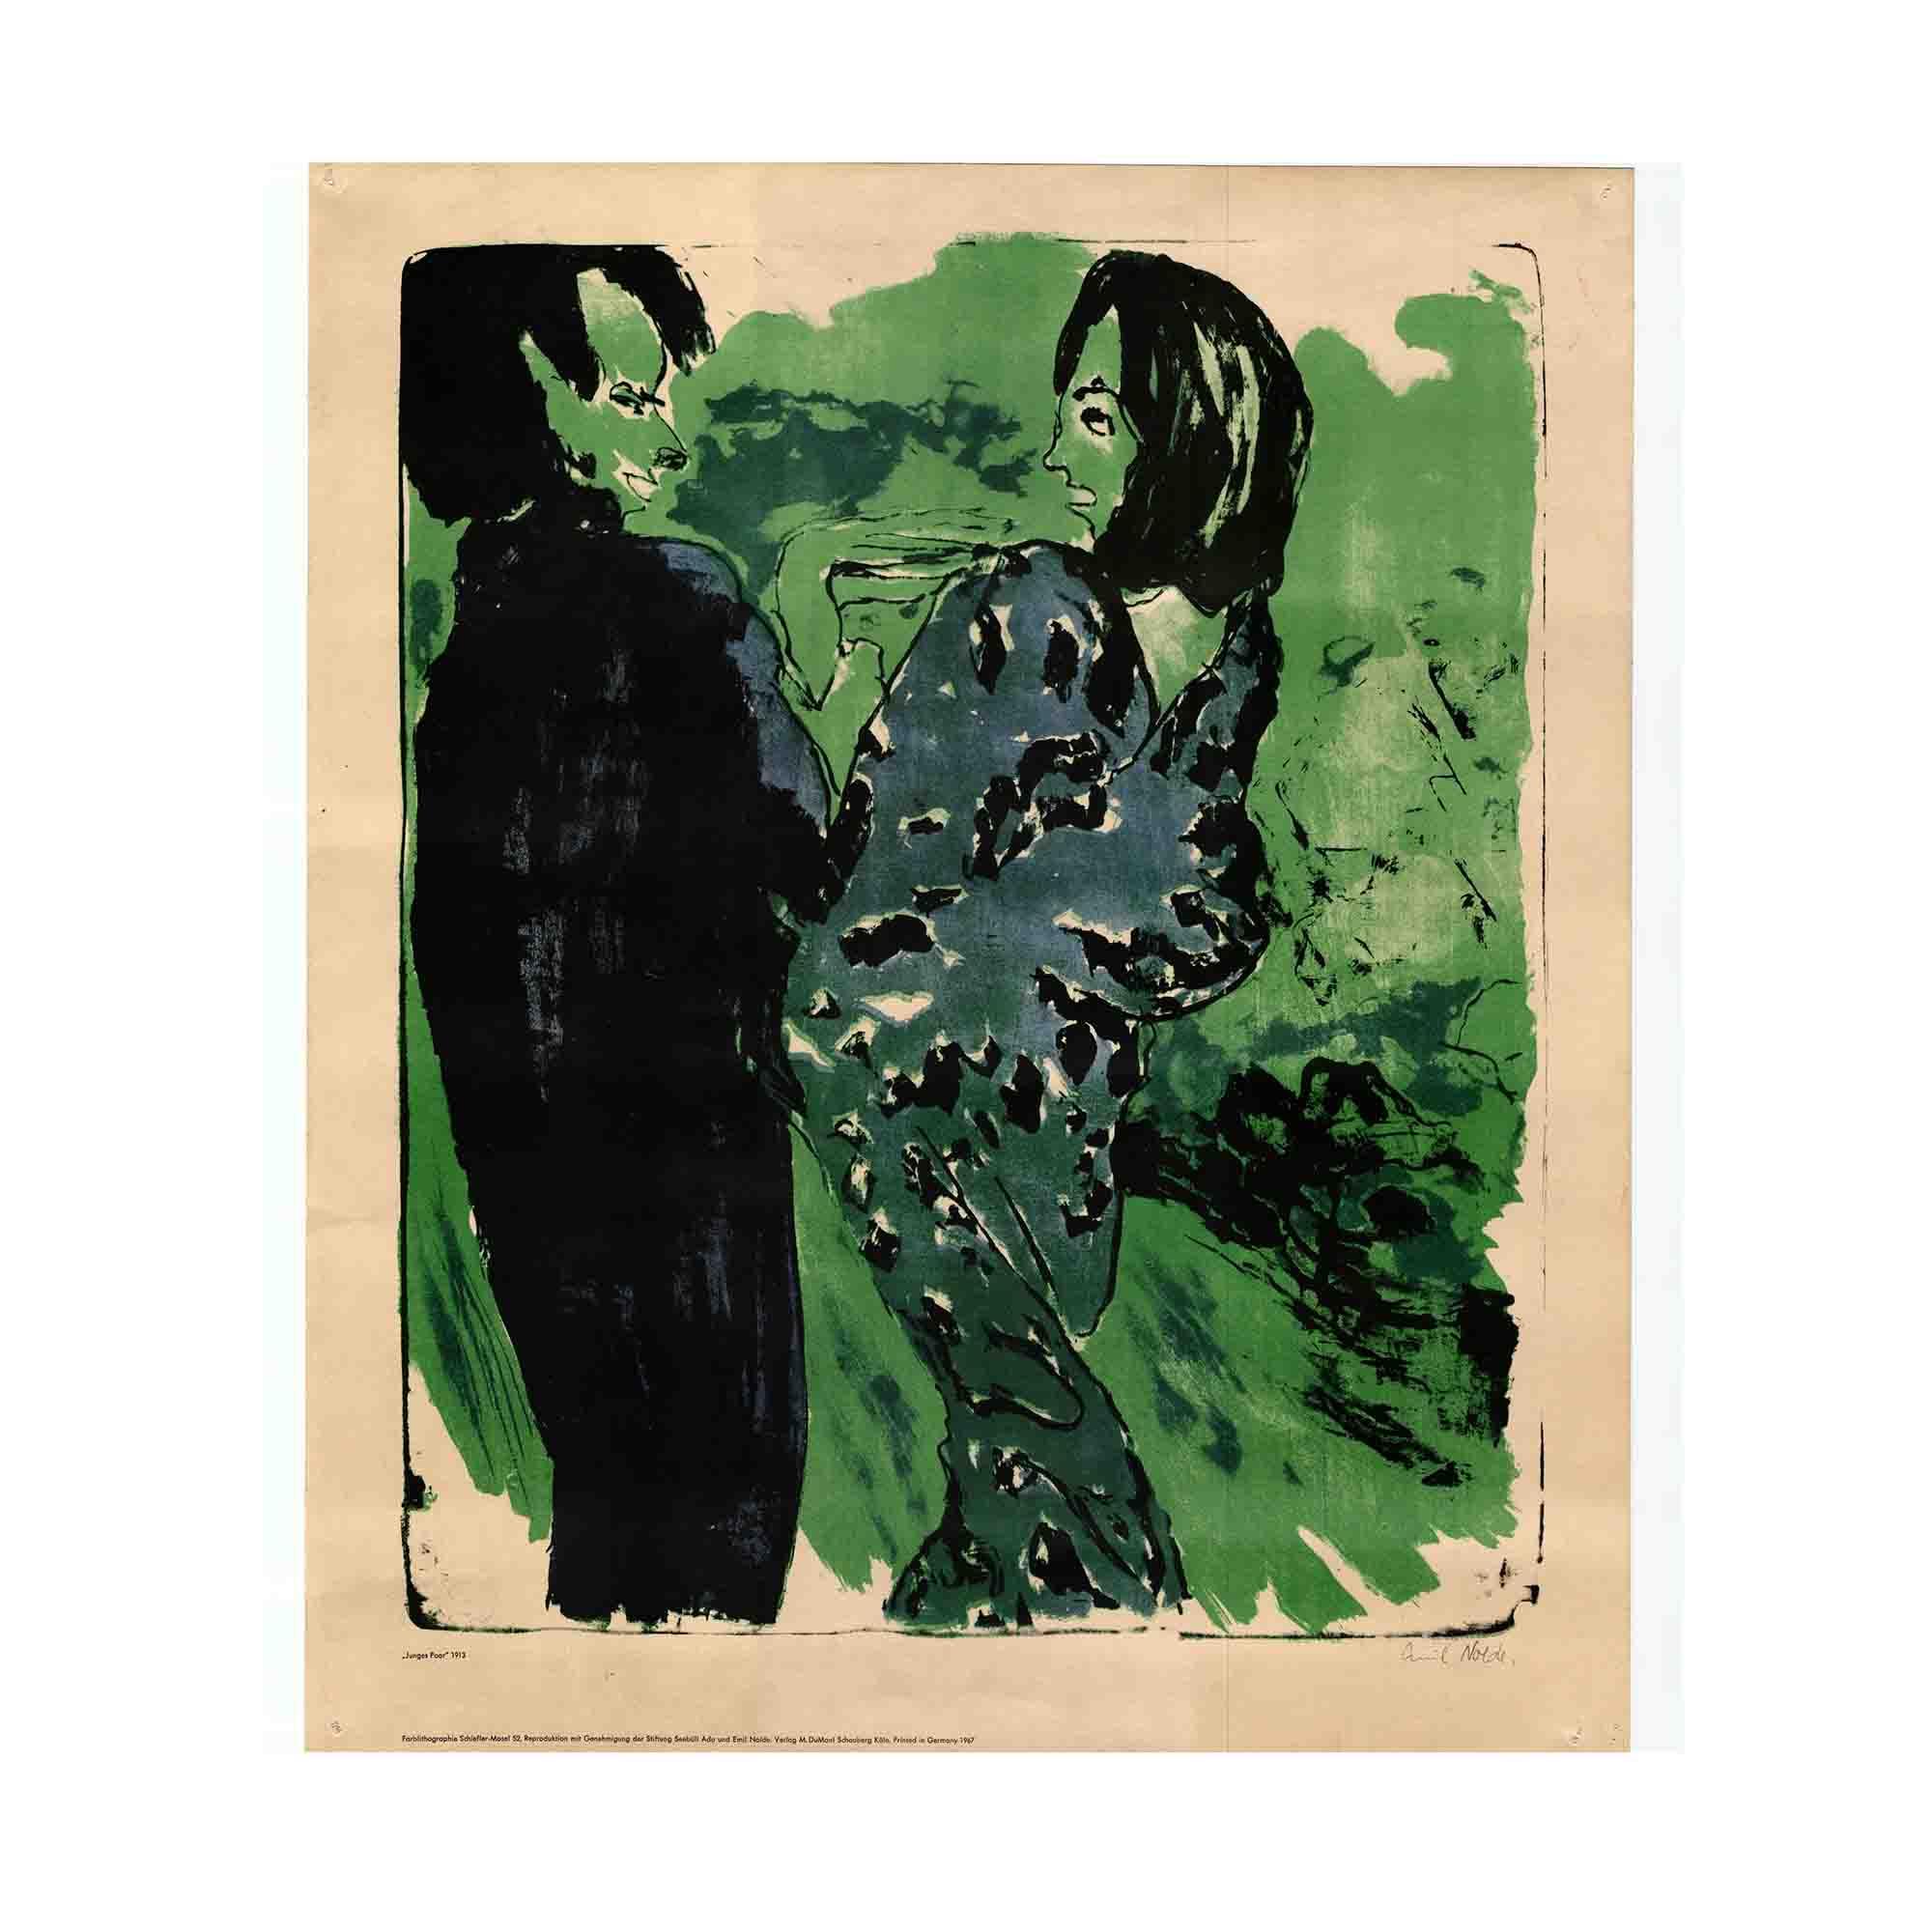 1155-Plakat-Nolde-Junges-Paar-1967-N.jpg